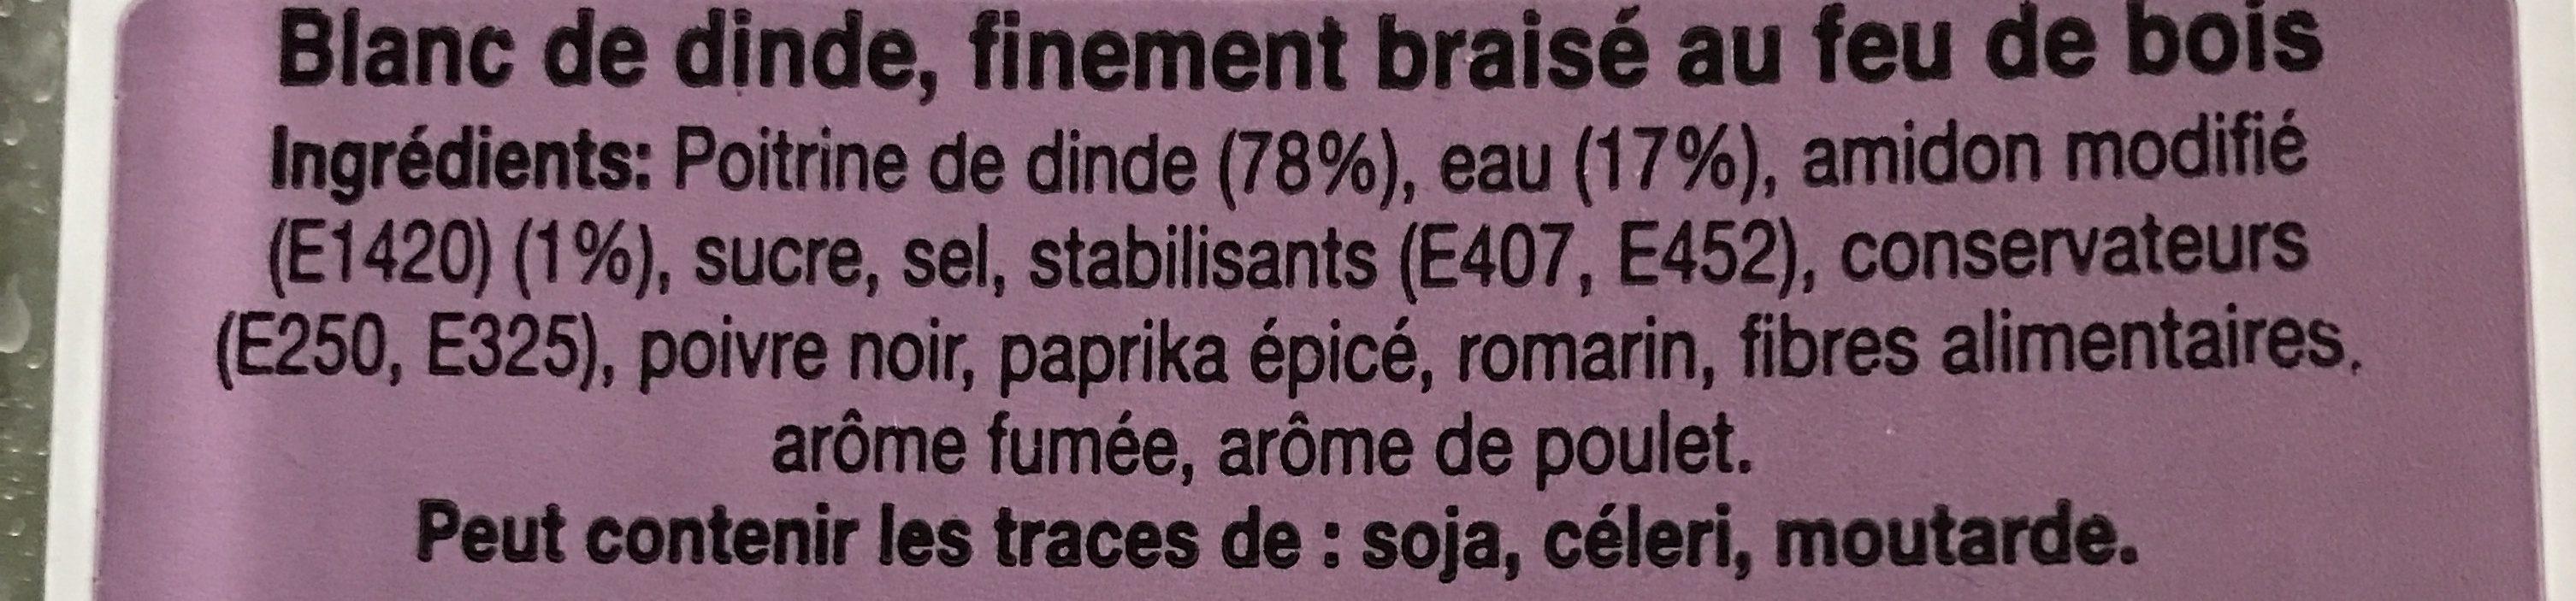 Chiffonnade Blanc Dinde - Ingrediënten - fr